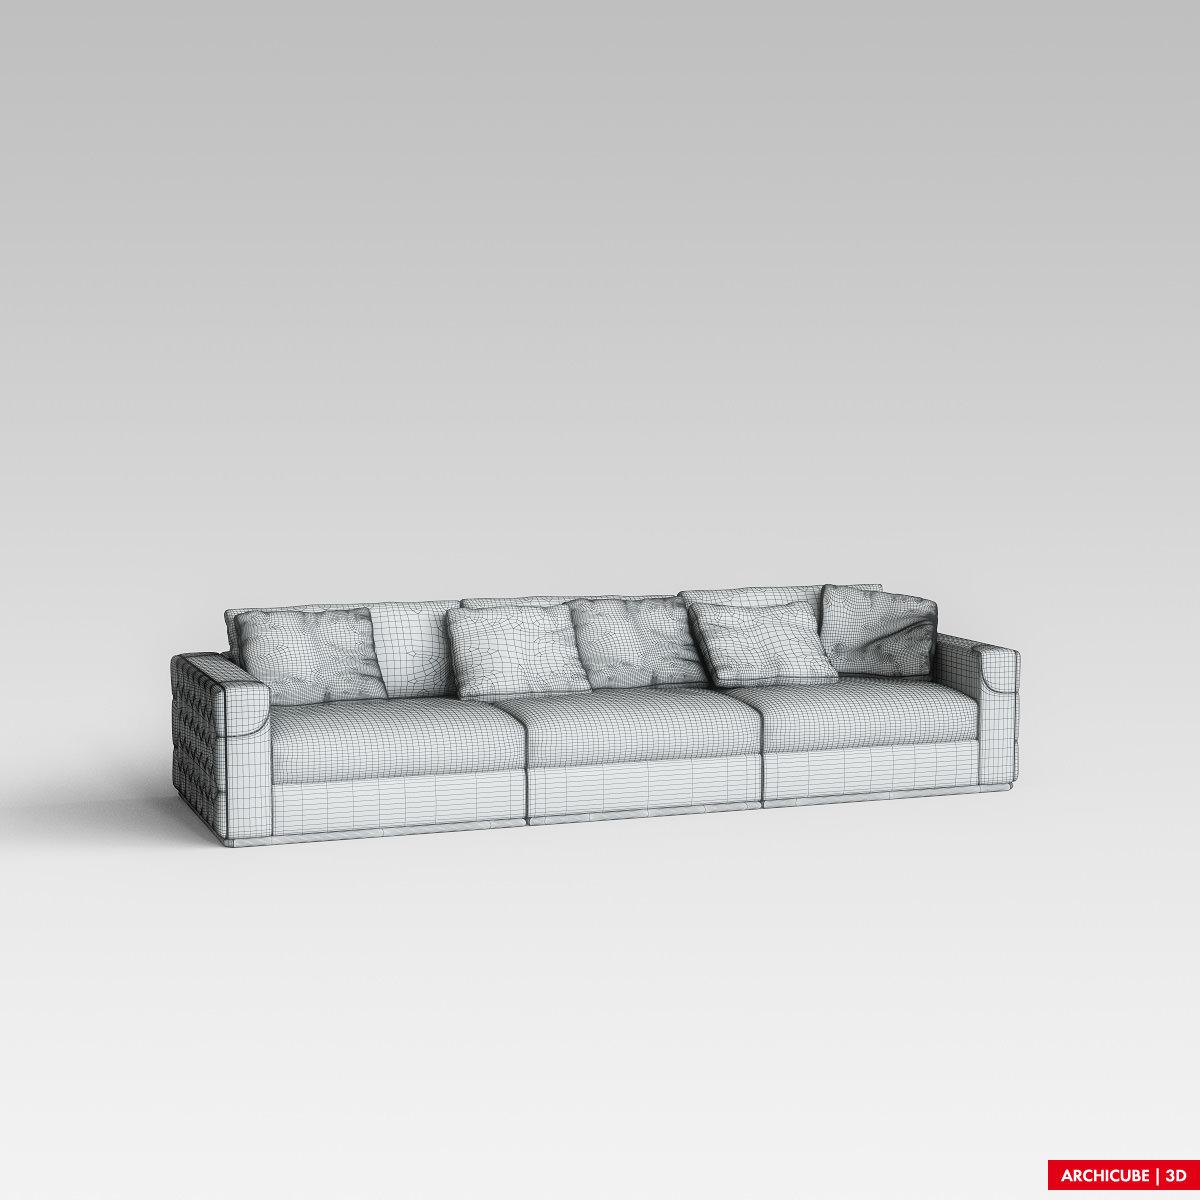 Fendi sofa 3d model max obj fbx for Divan furniture models